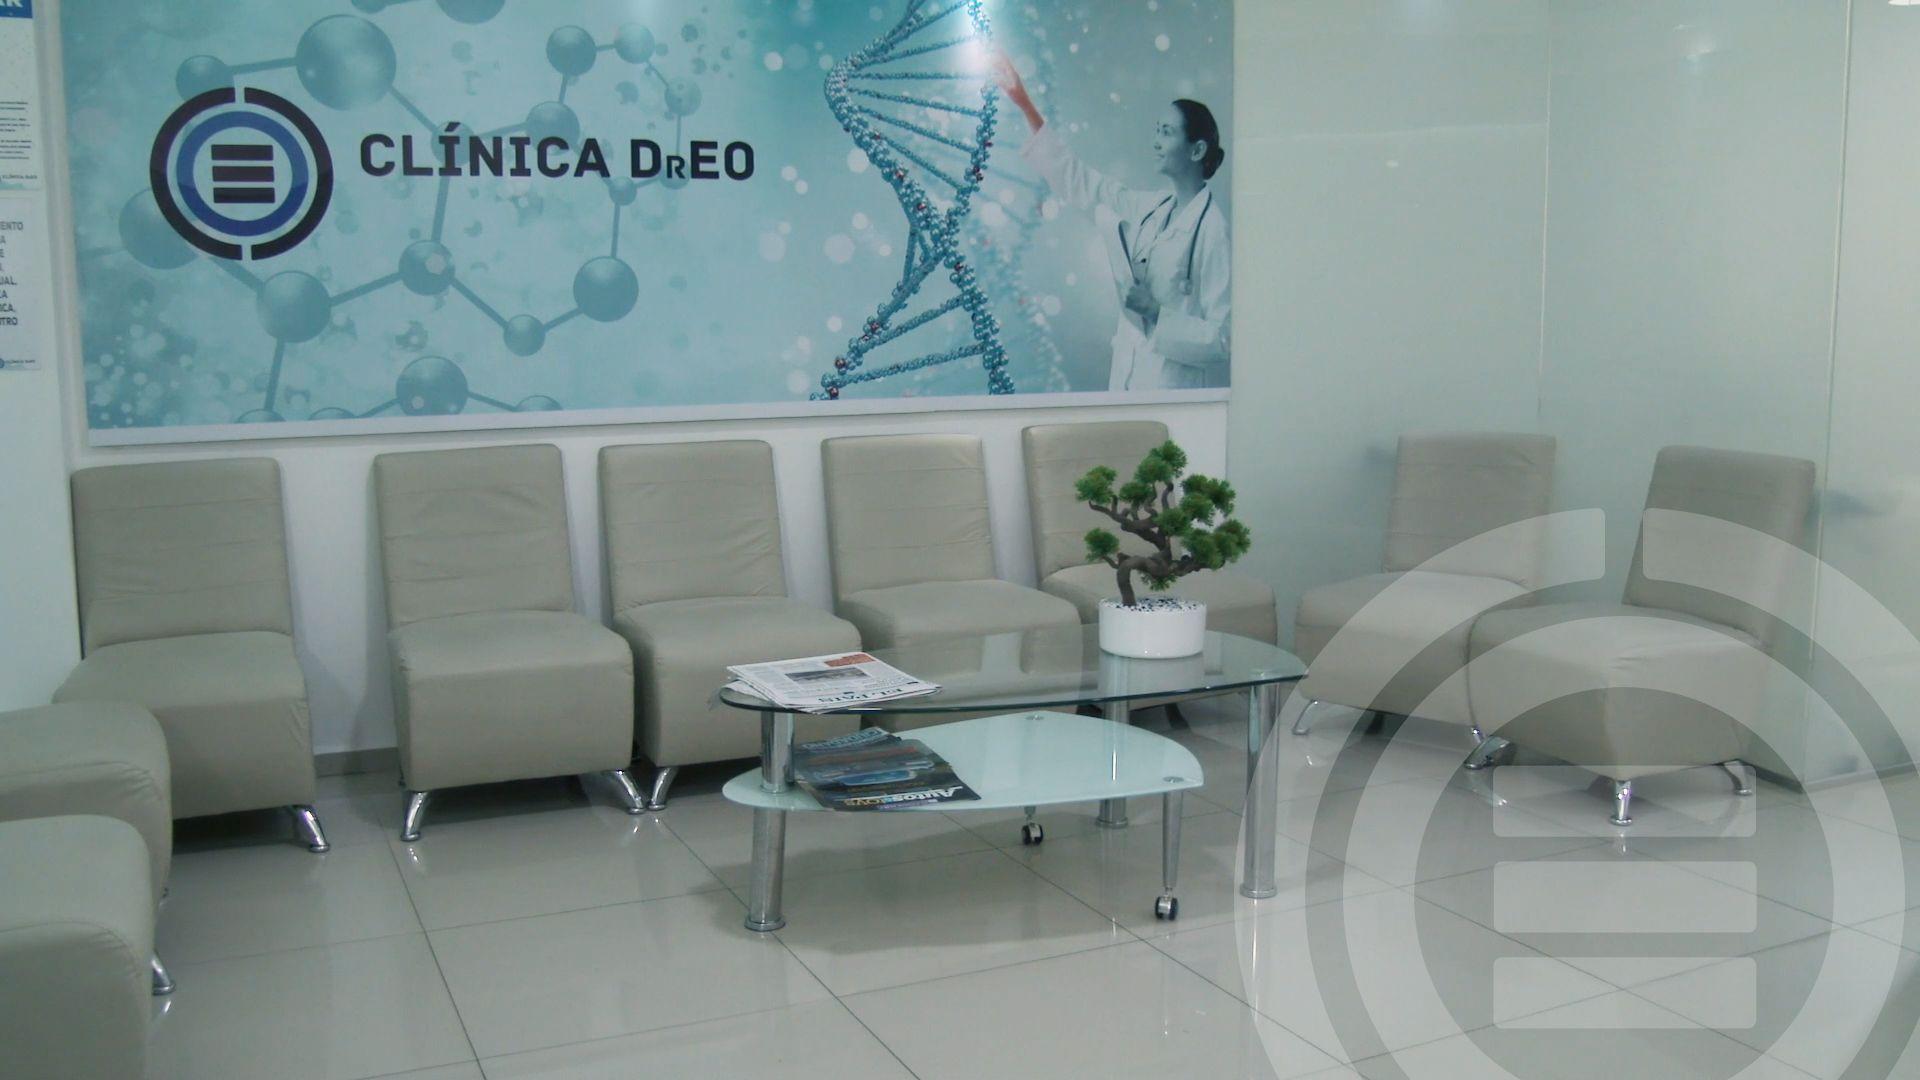 Clínica DrEO